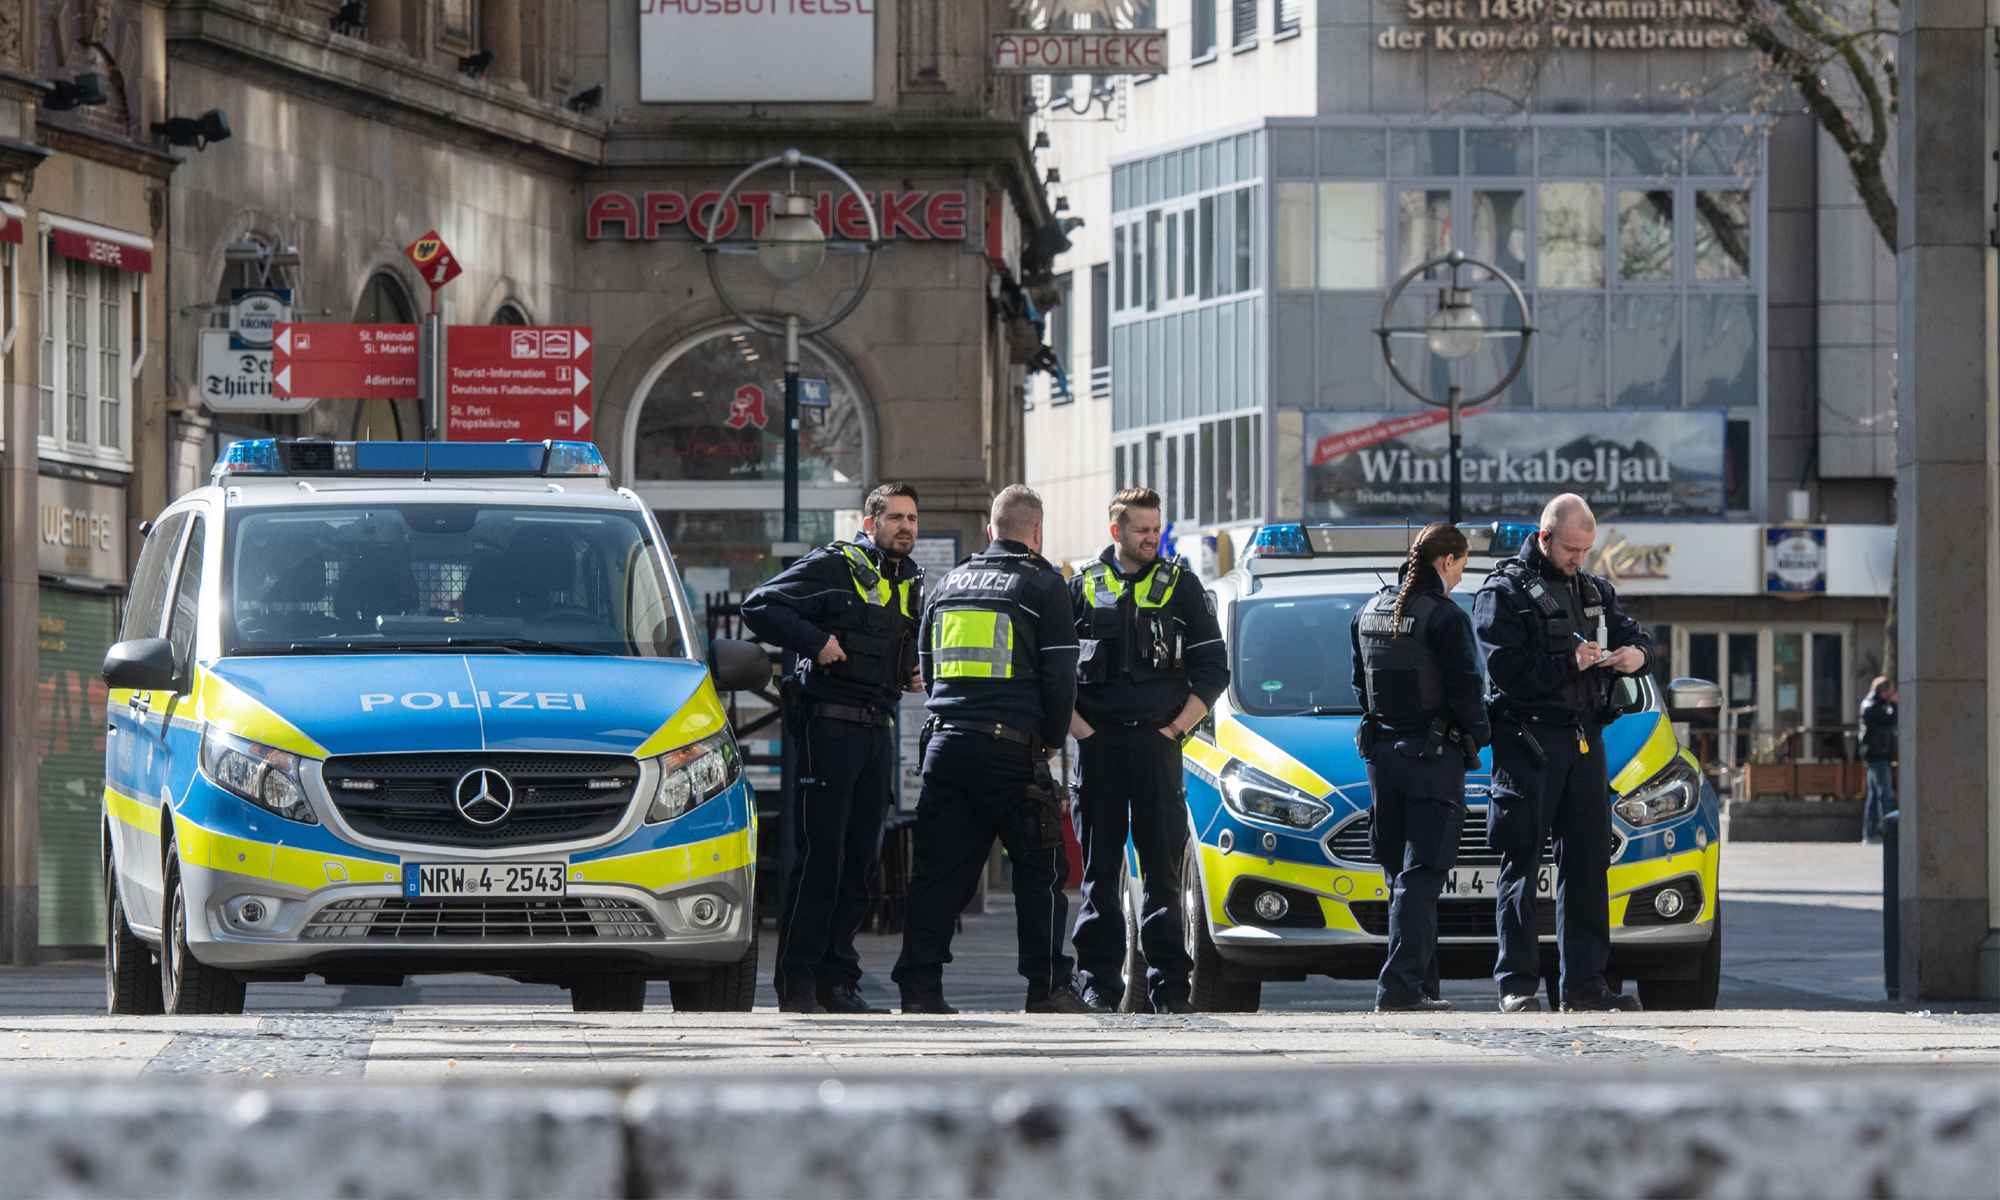 Polizei und Ordnungsamt